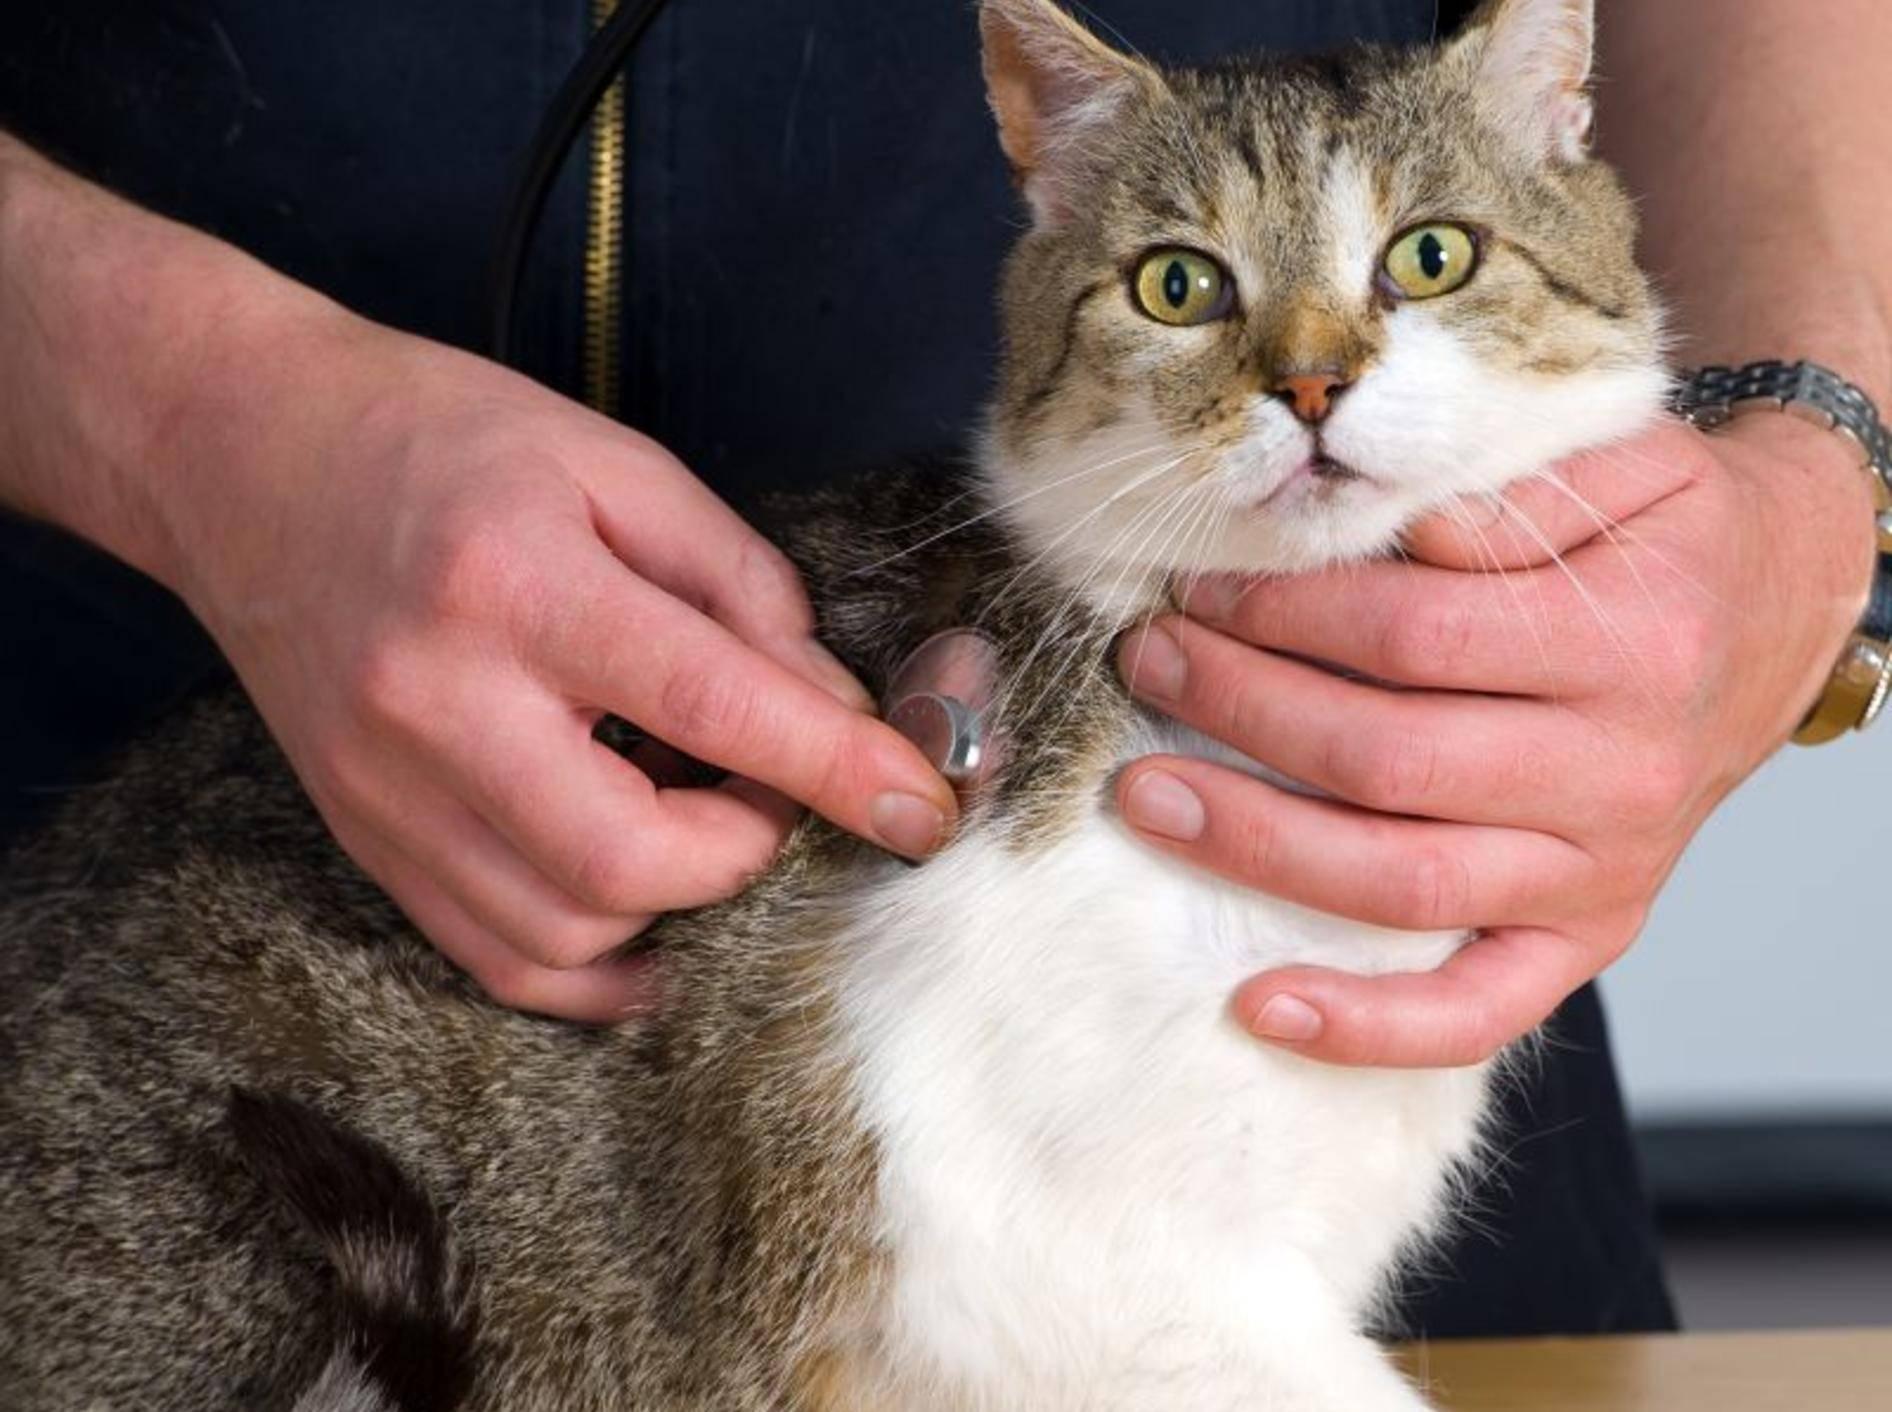 Bei Katzen mit Asthma werden vom Tierarzt gründlich untersucht — Bild: Shutterstock / Firma V